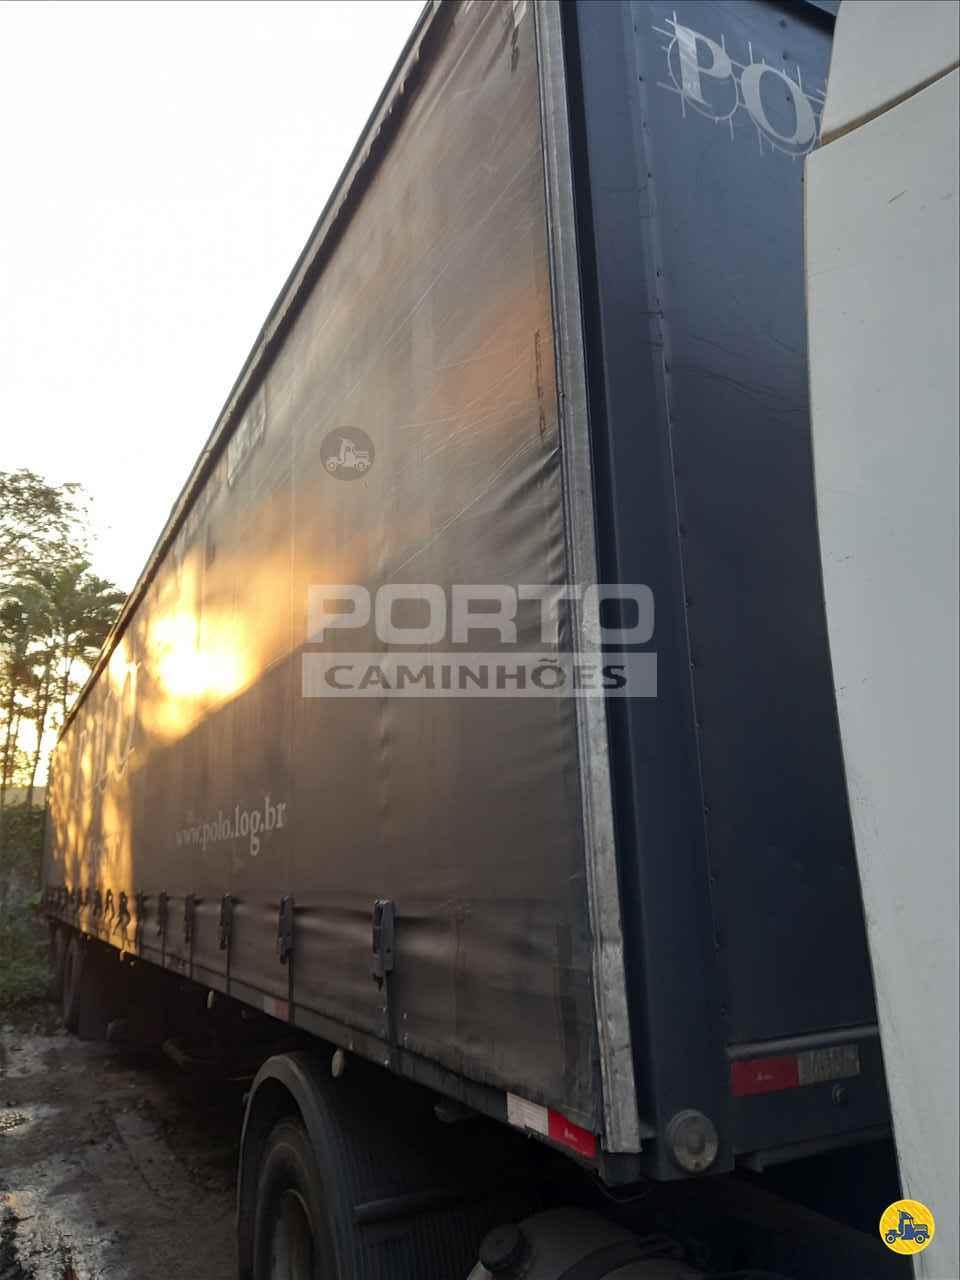 CARRETA SEMI-REBOQUE BAU SIDER Reta Porto Caminhões GUARULHOS SÃO PAULO SP